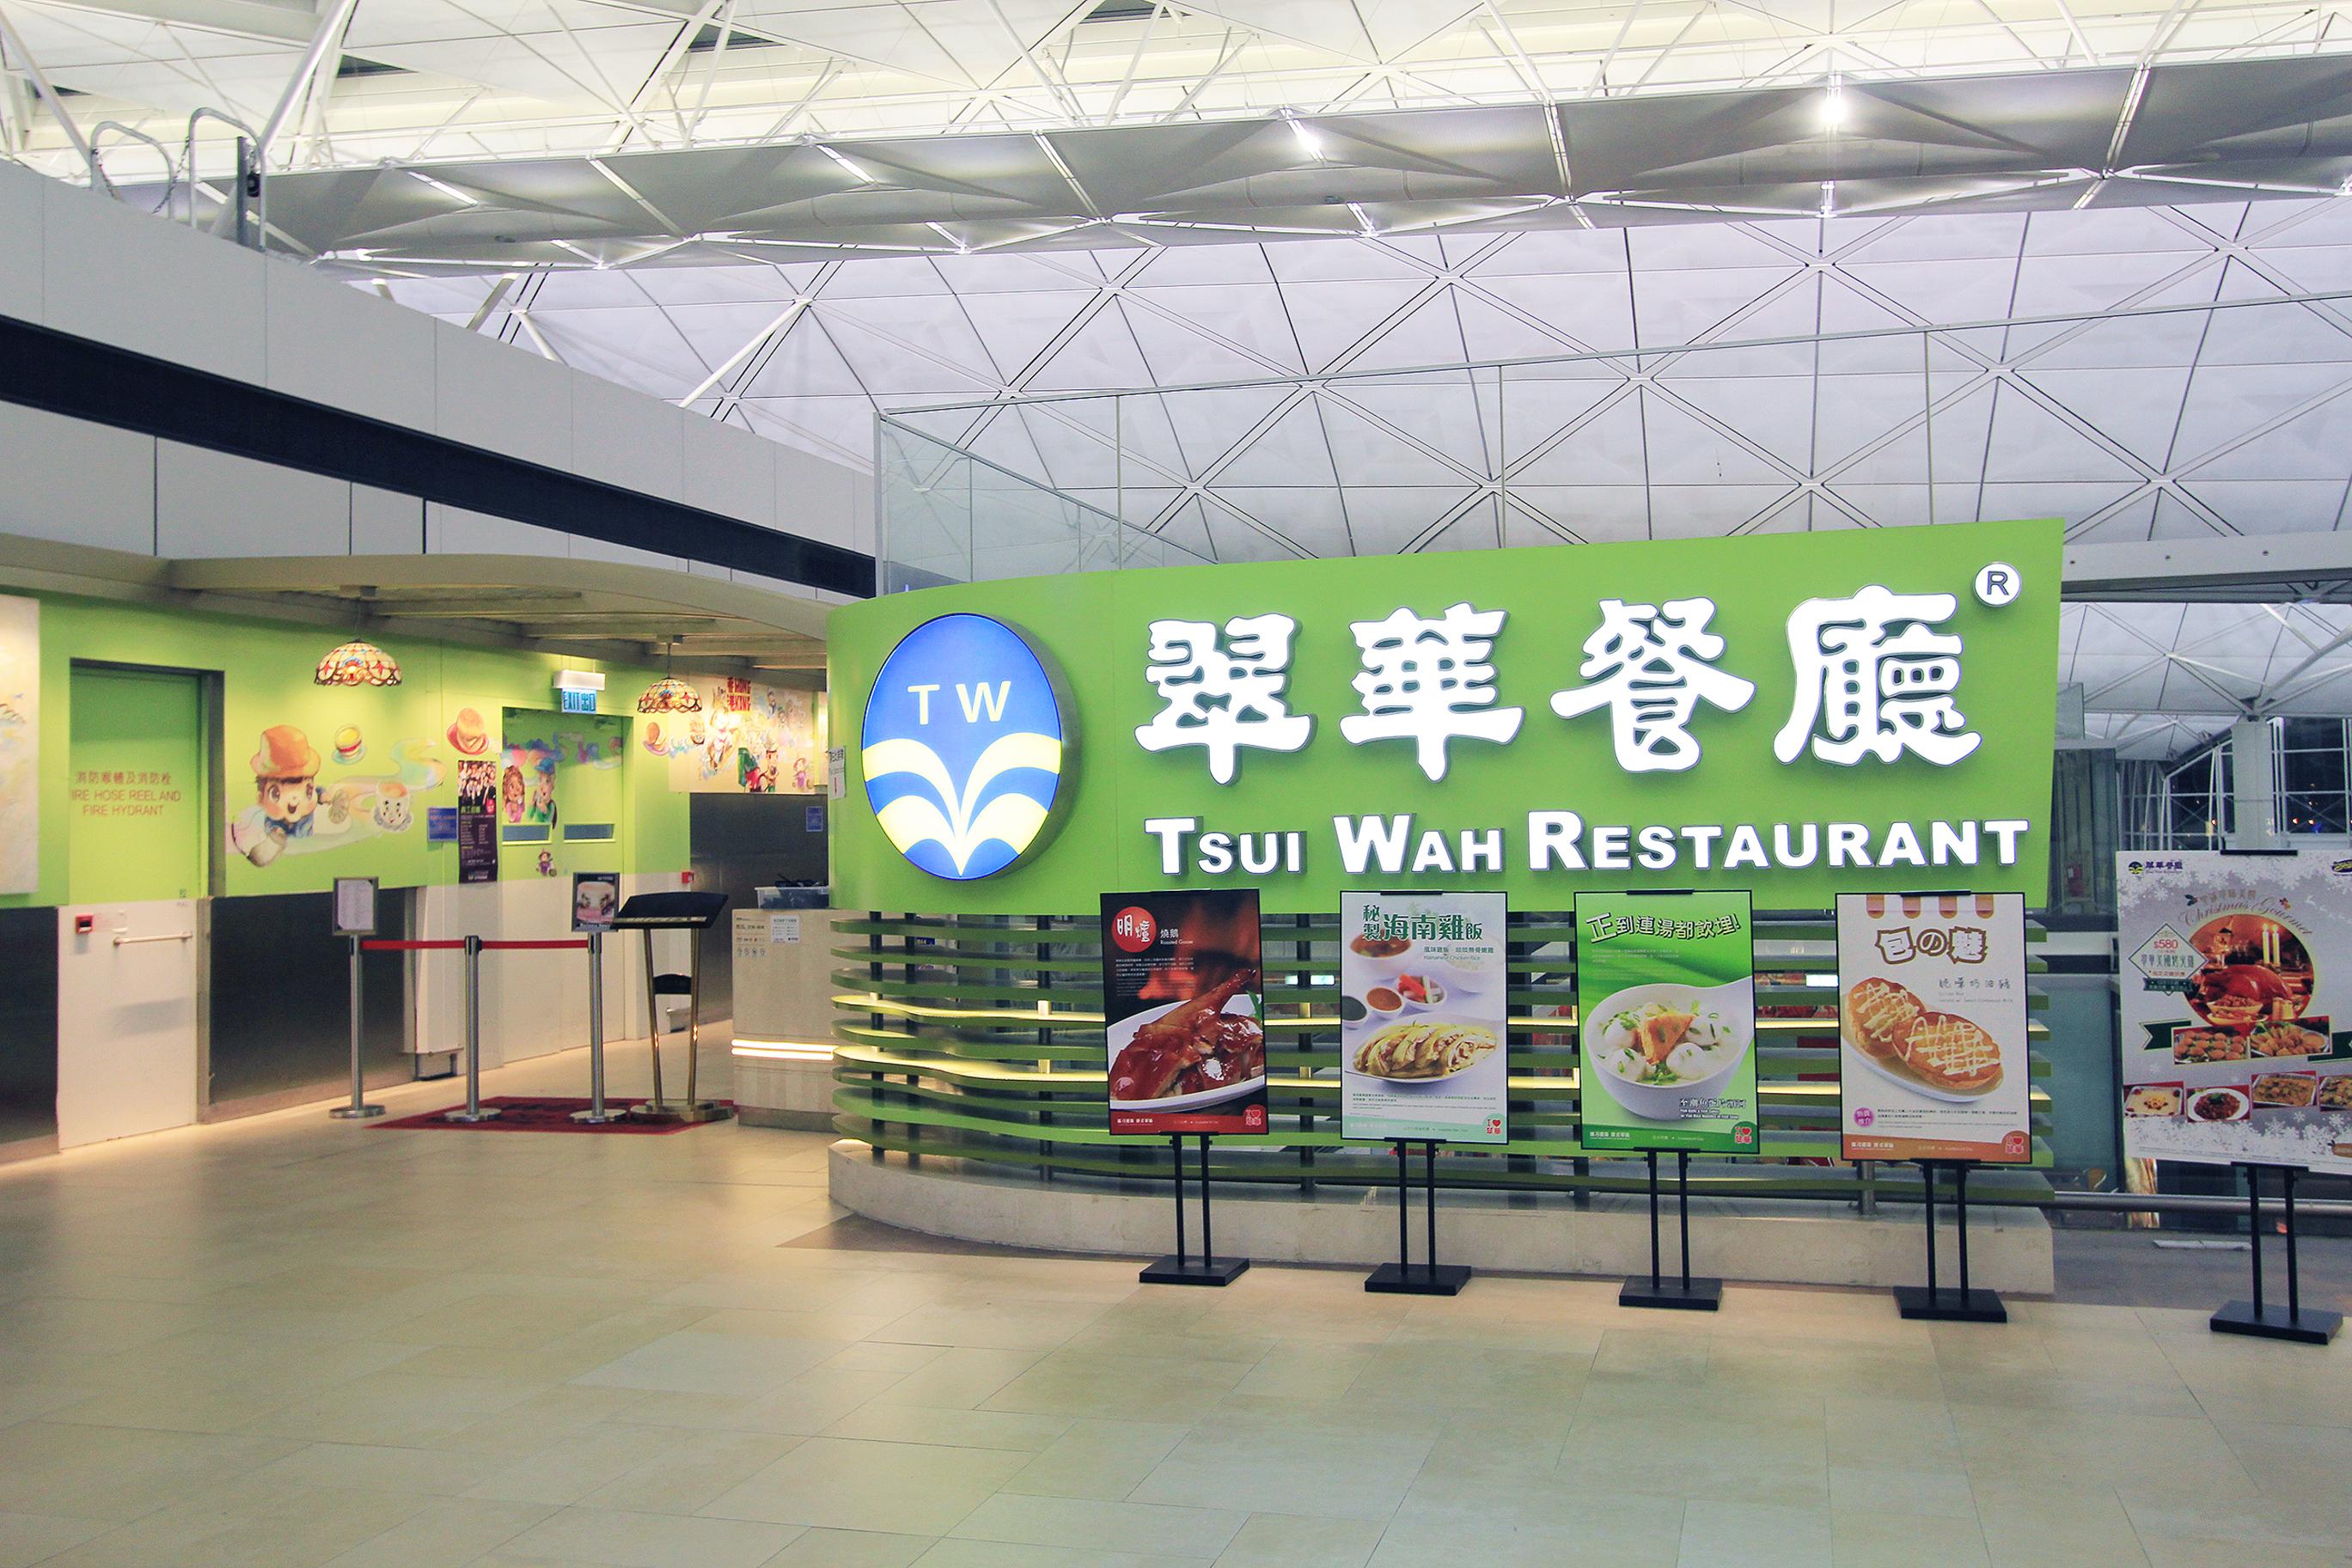 Tsui Wah airport